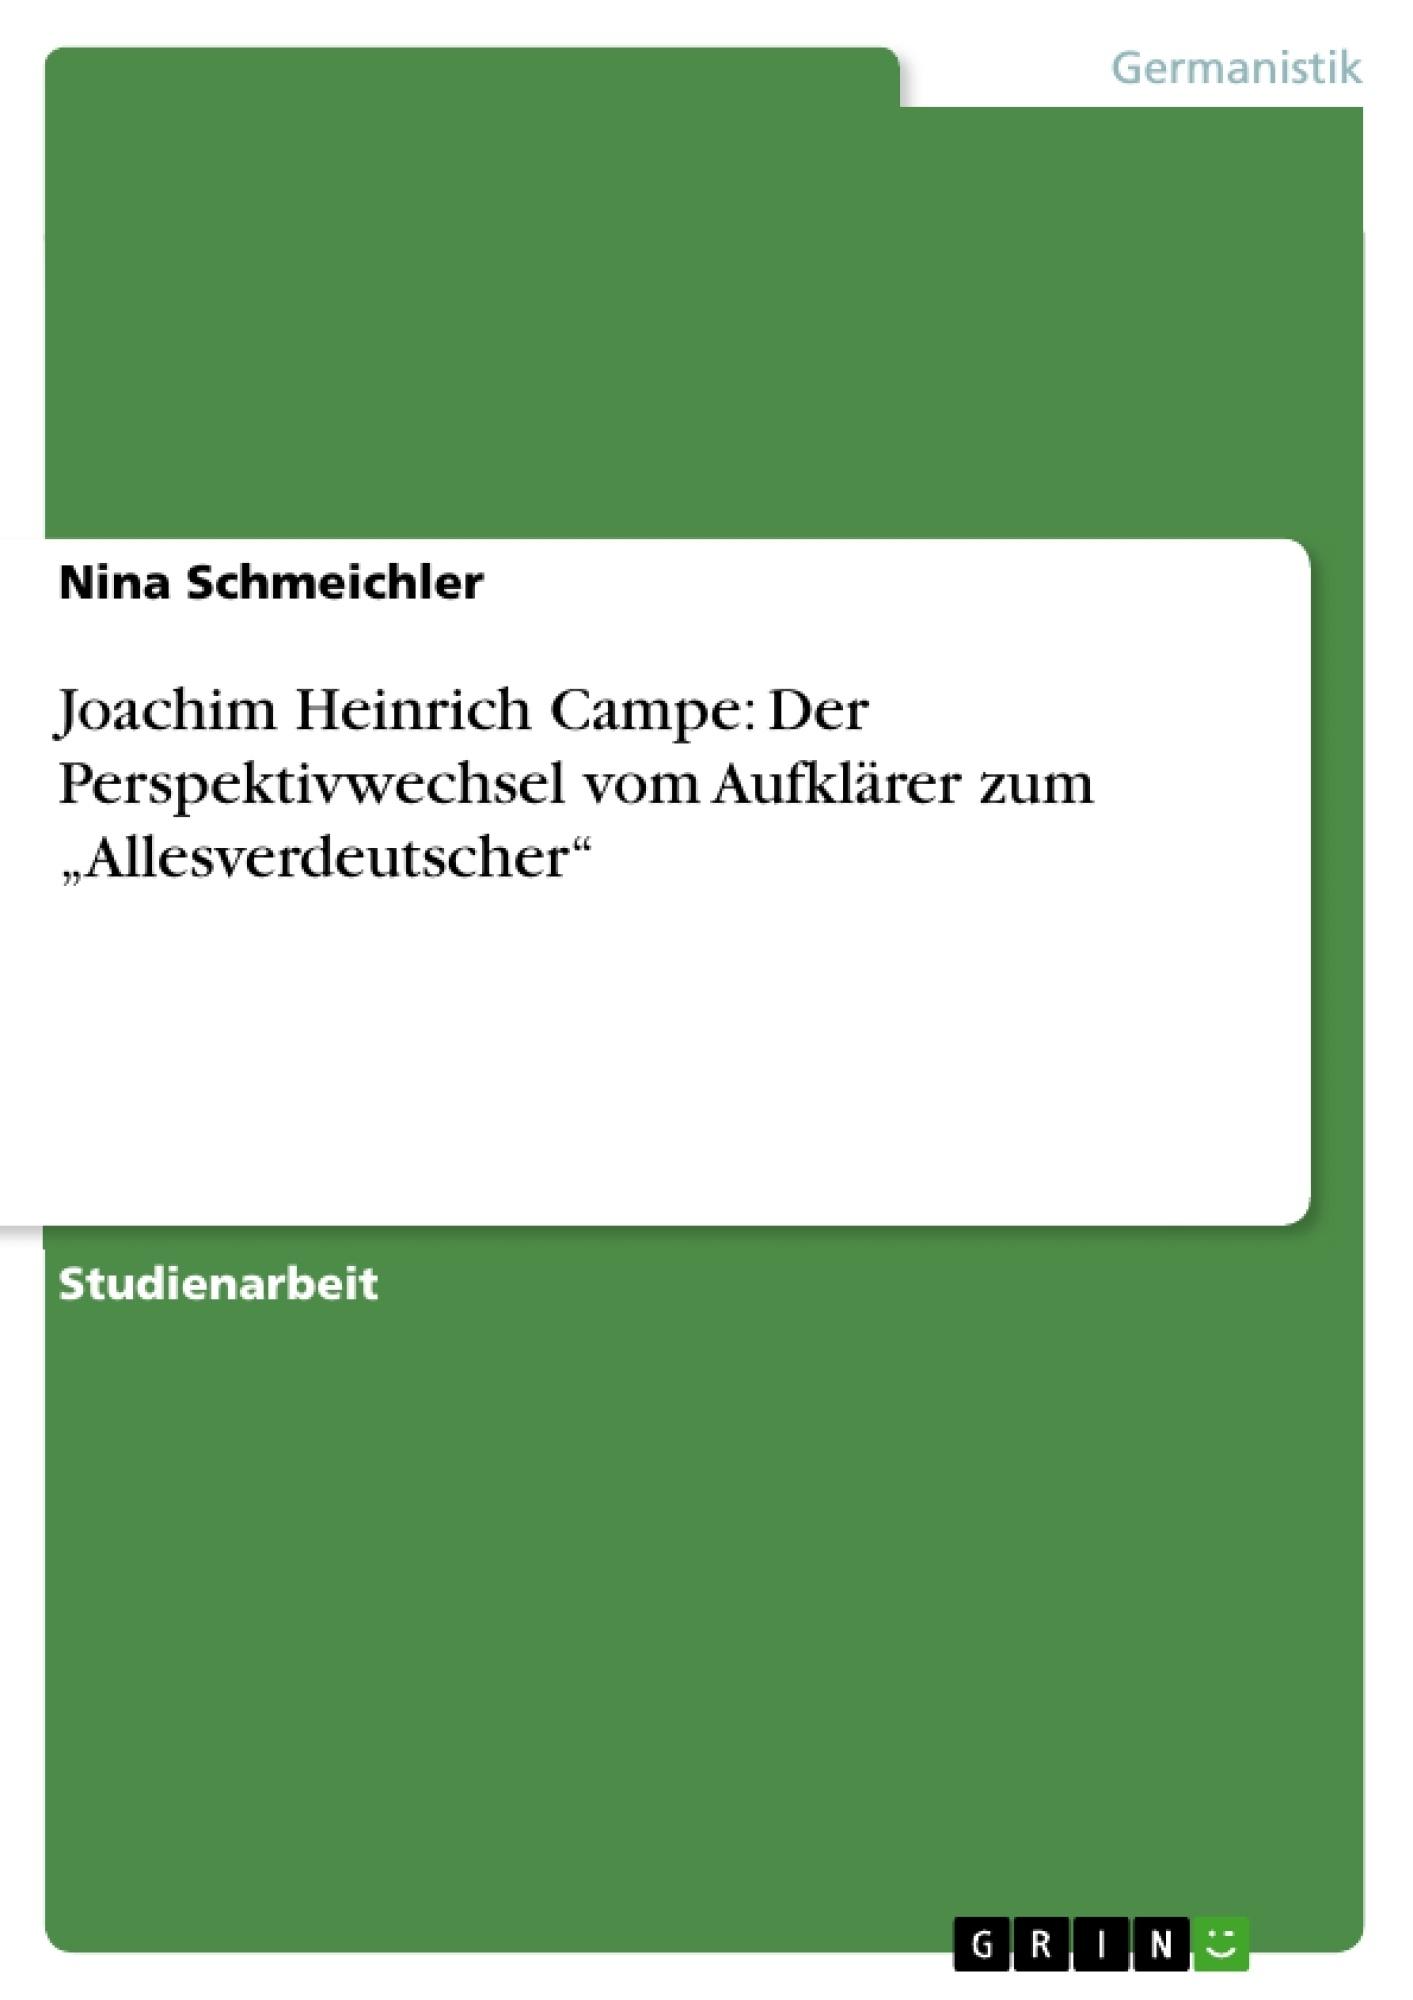 """Titel: Joachim Heinrich Campe: Der Perspektivwechsel vom Aufklärer zum """"Allesverdeutscher"""""""